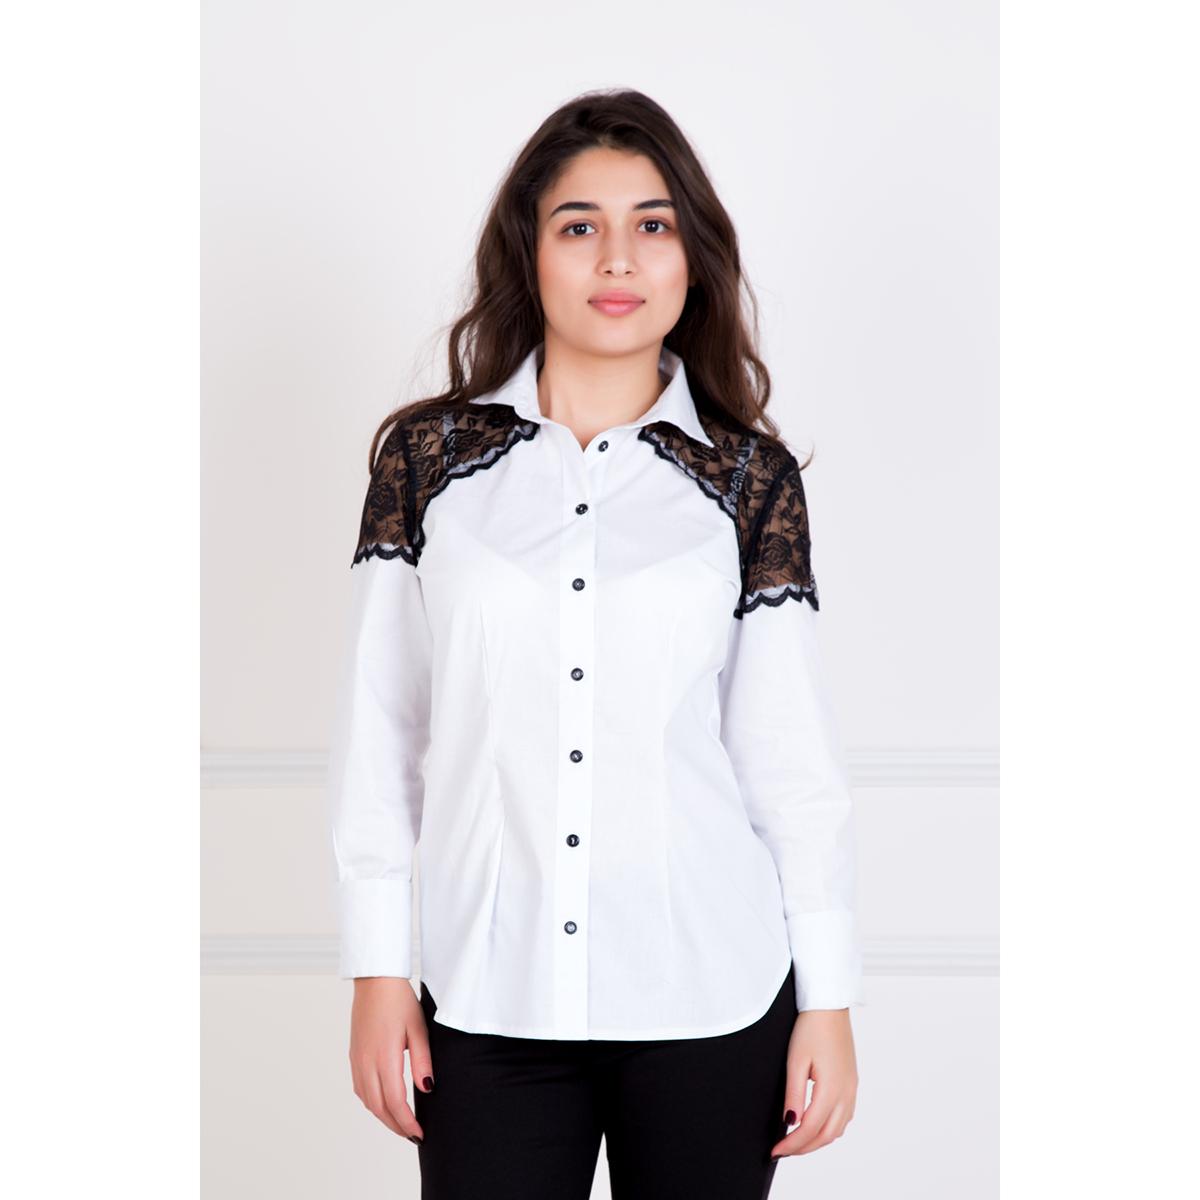 Женская рубашка Инь, размер 50Блузки, майки, кофты<br>Обхват груди:100 см<br>Обхват талии:82 см<br>Обхват бедер:108 см<br>Рост:167 см<br><br>Тип: Жен. рубашка<br>Размер: 50<br>Материал: Хлопок